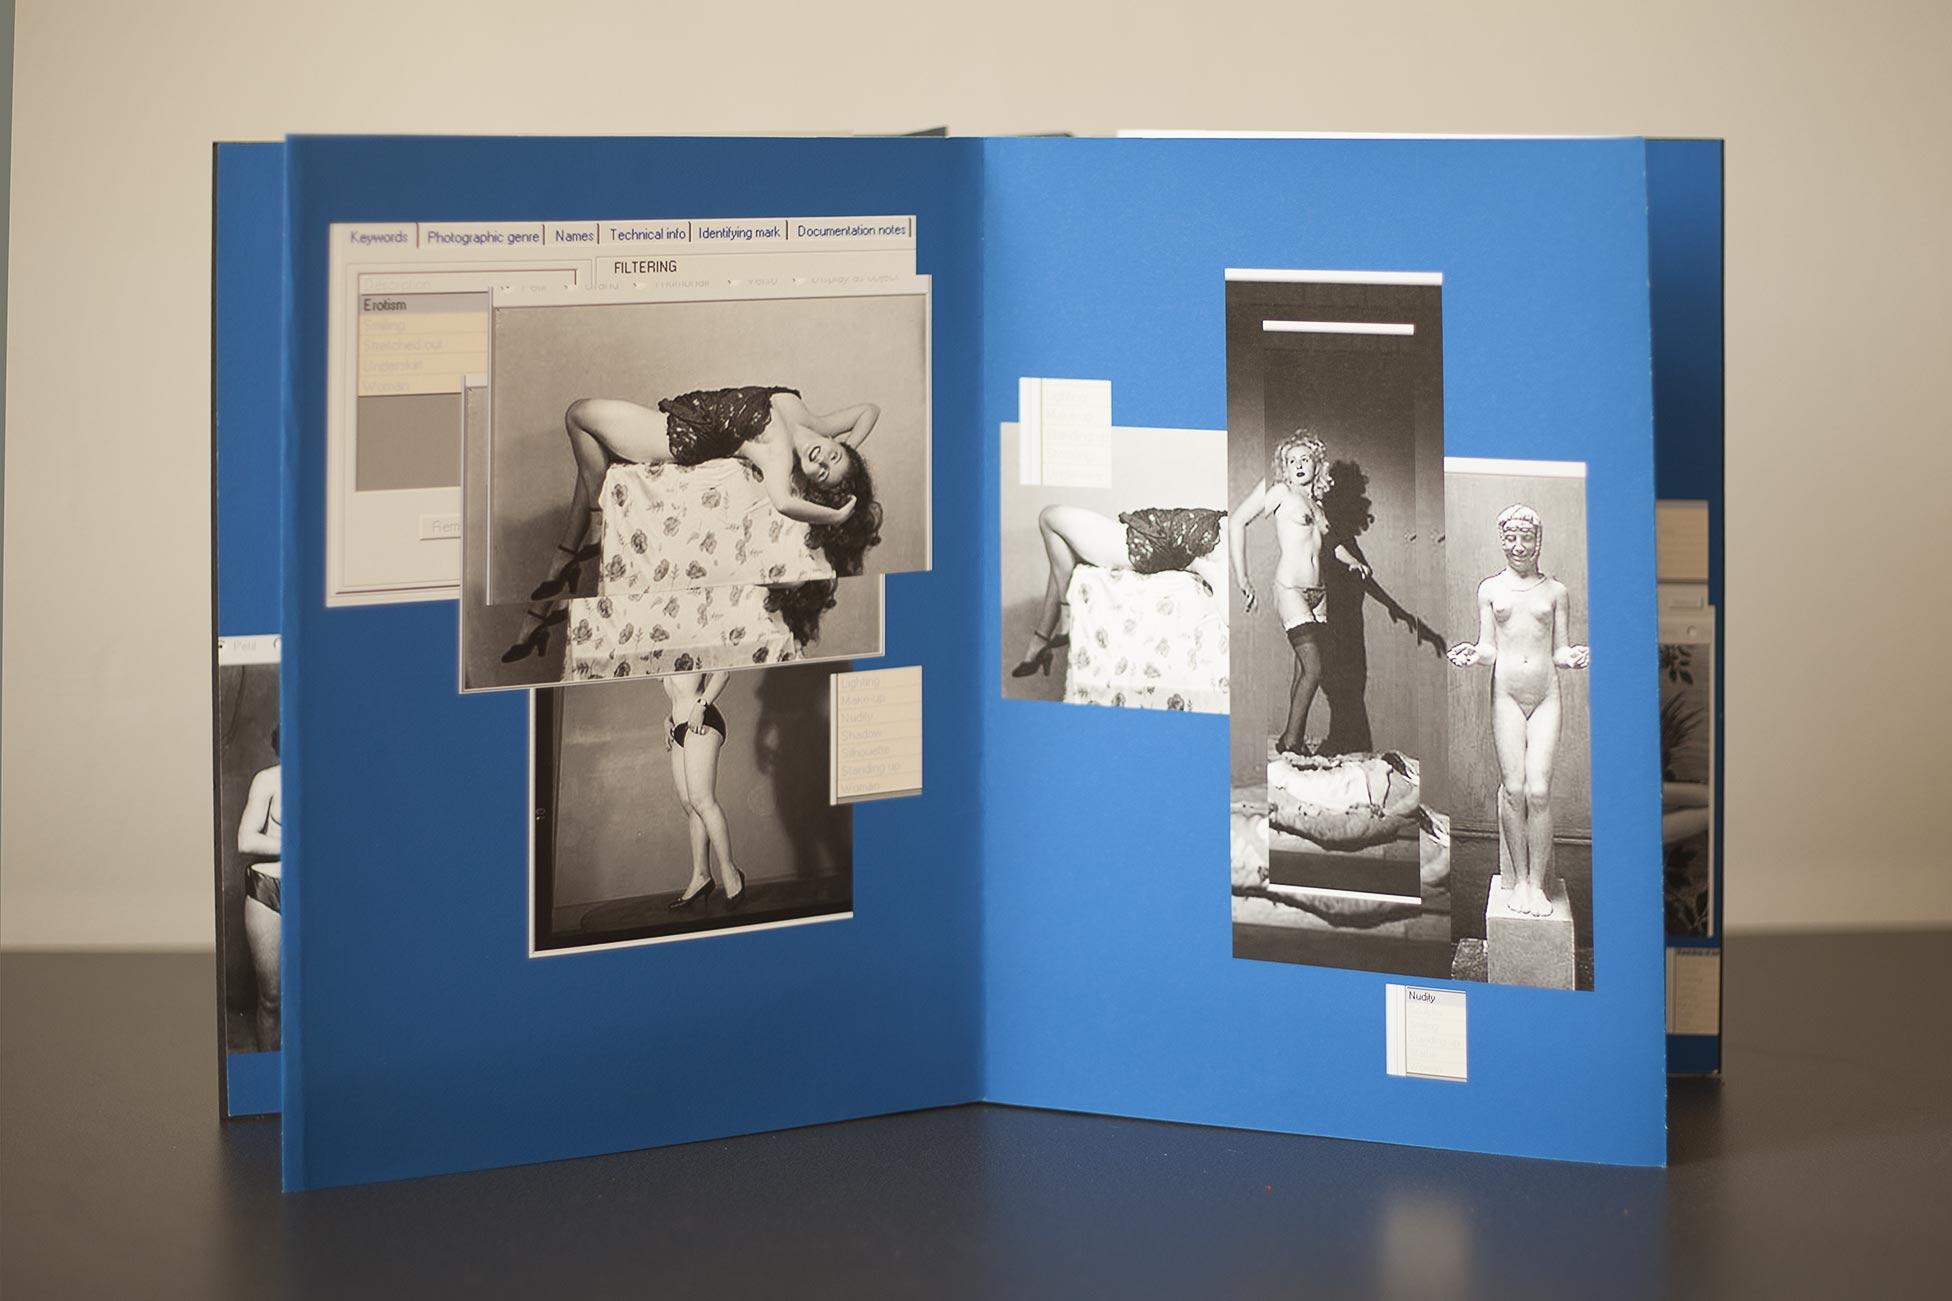 msdm-studio-sexndatabase-book-03